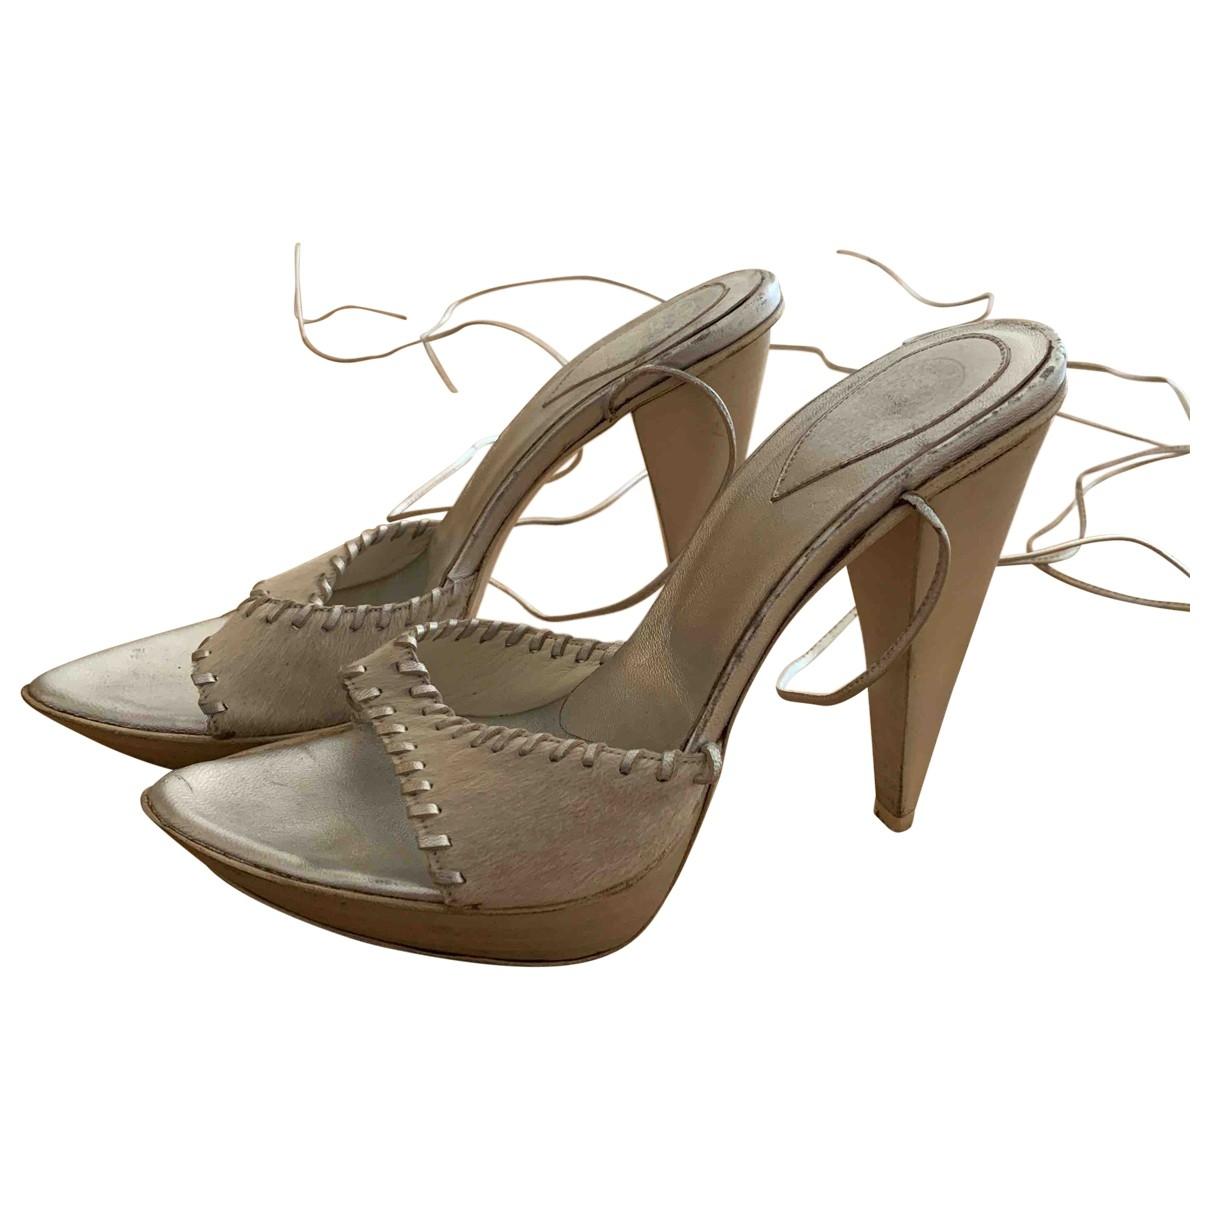 Sandalias de Piel de potro de imitacion Gianni Bravo